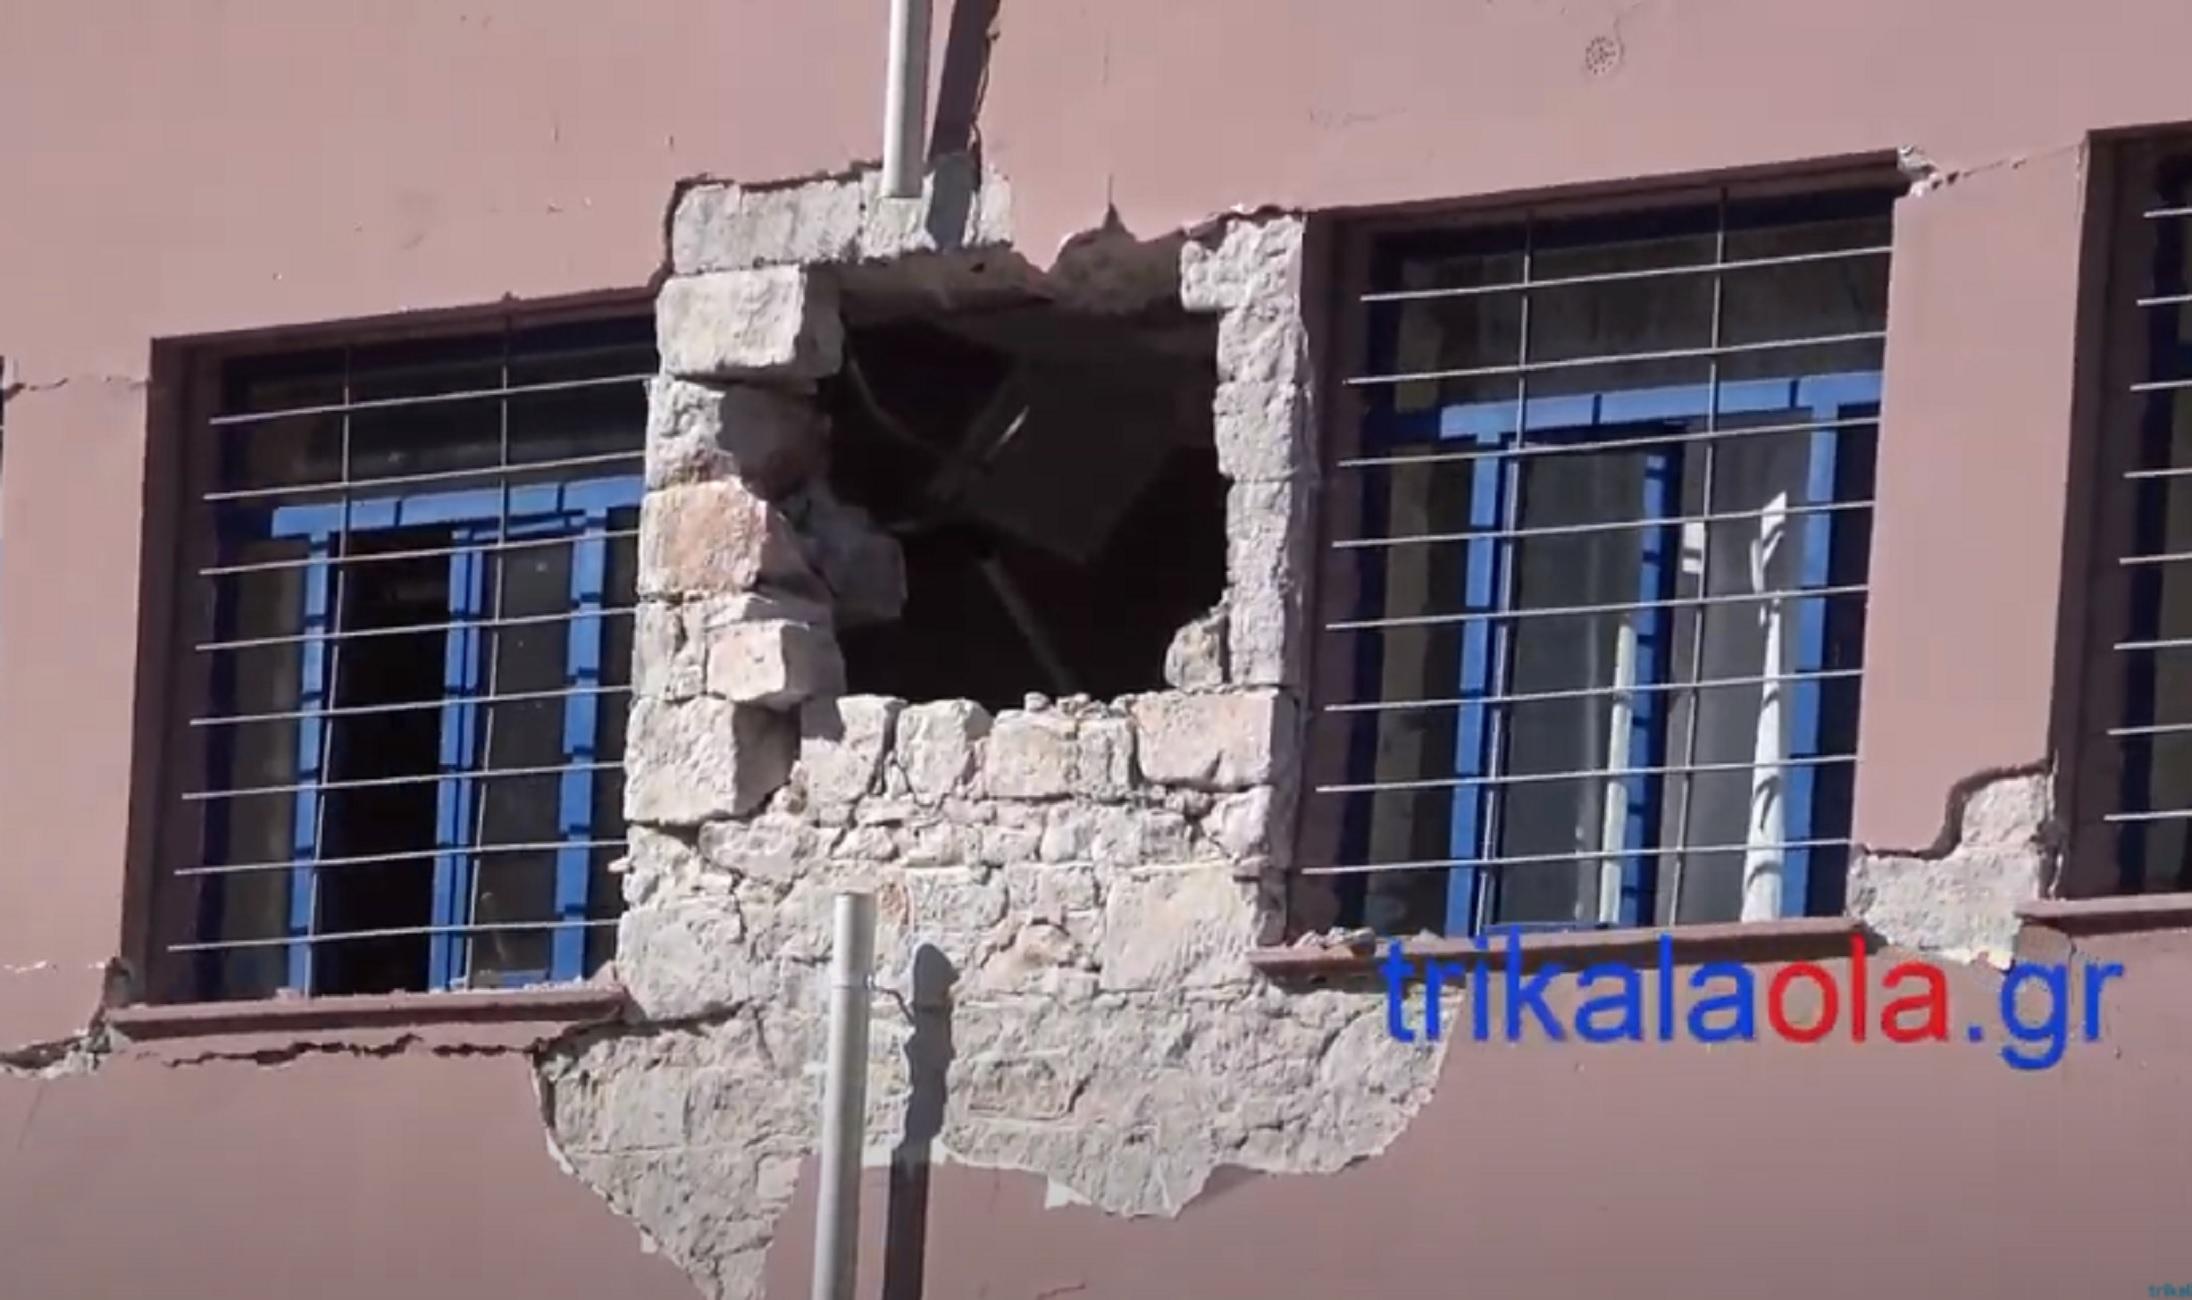 Σεισμός στην Ελασσόνα: Ο διευθυντής του σχολείου στο Δαμάσι «ξαναζεί» τη δόνηση και τον πανικό των μαθητών του (video)